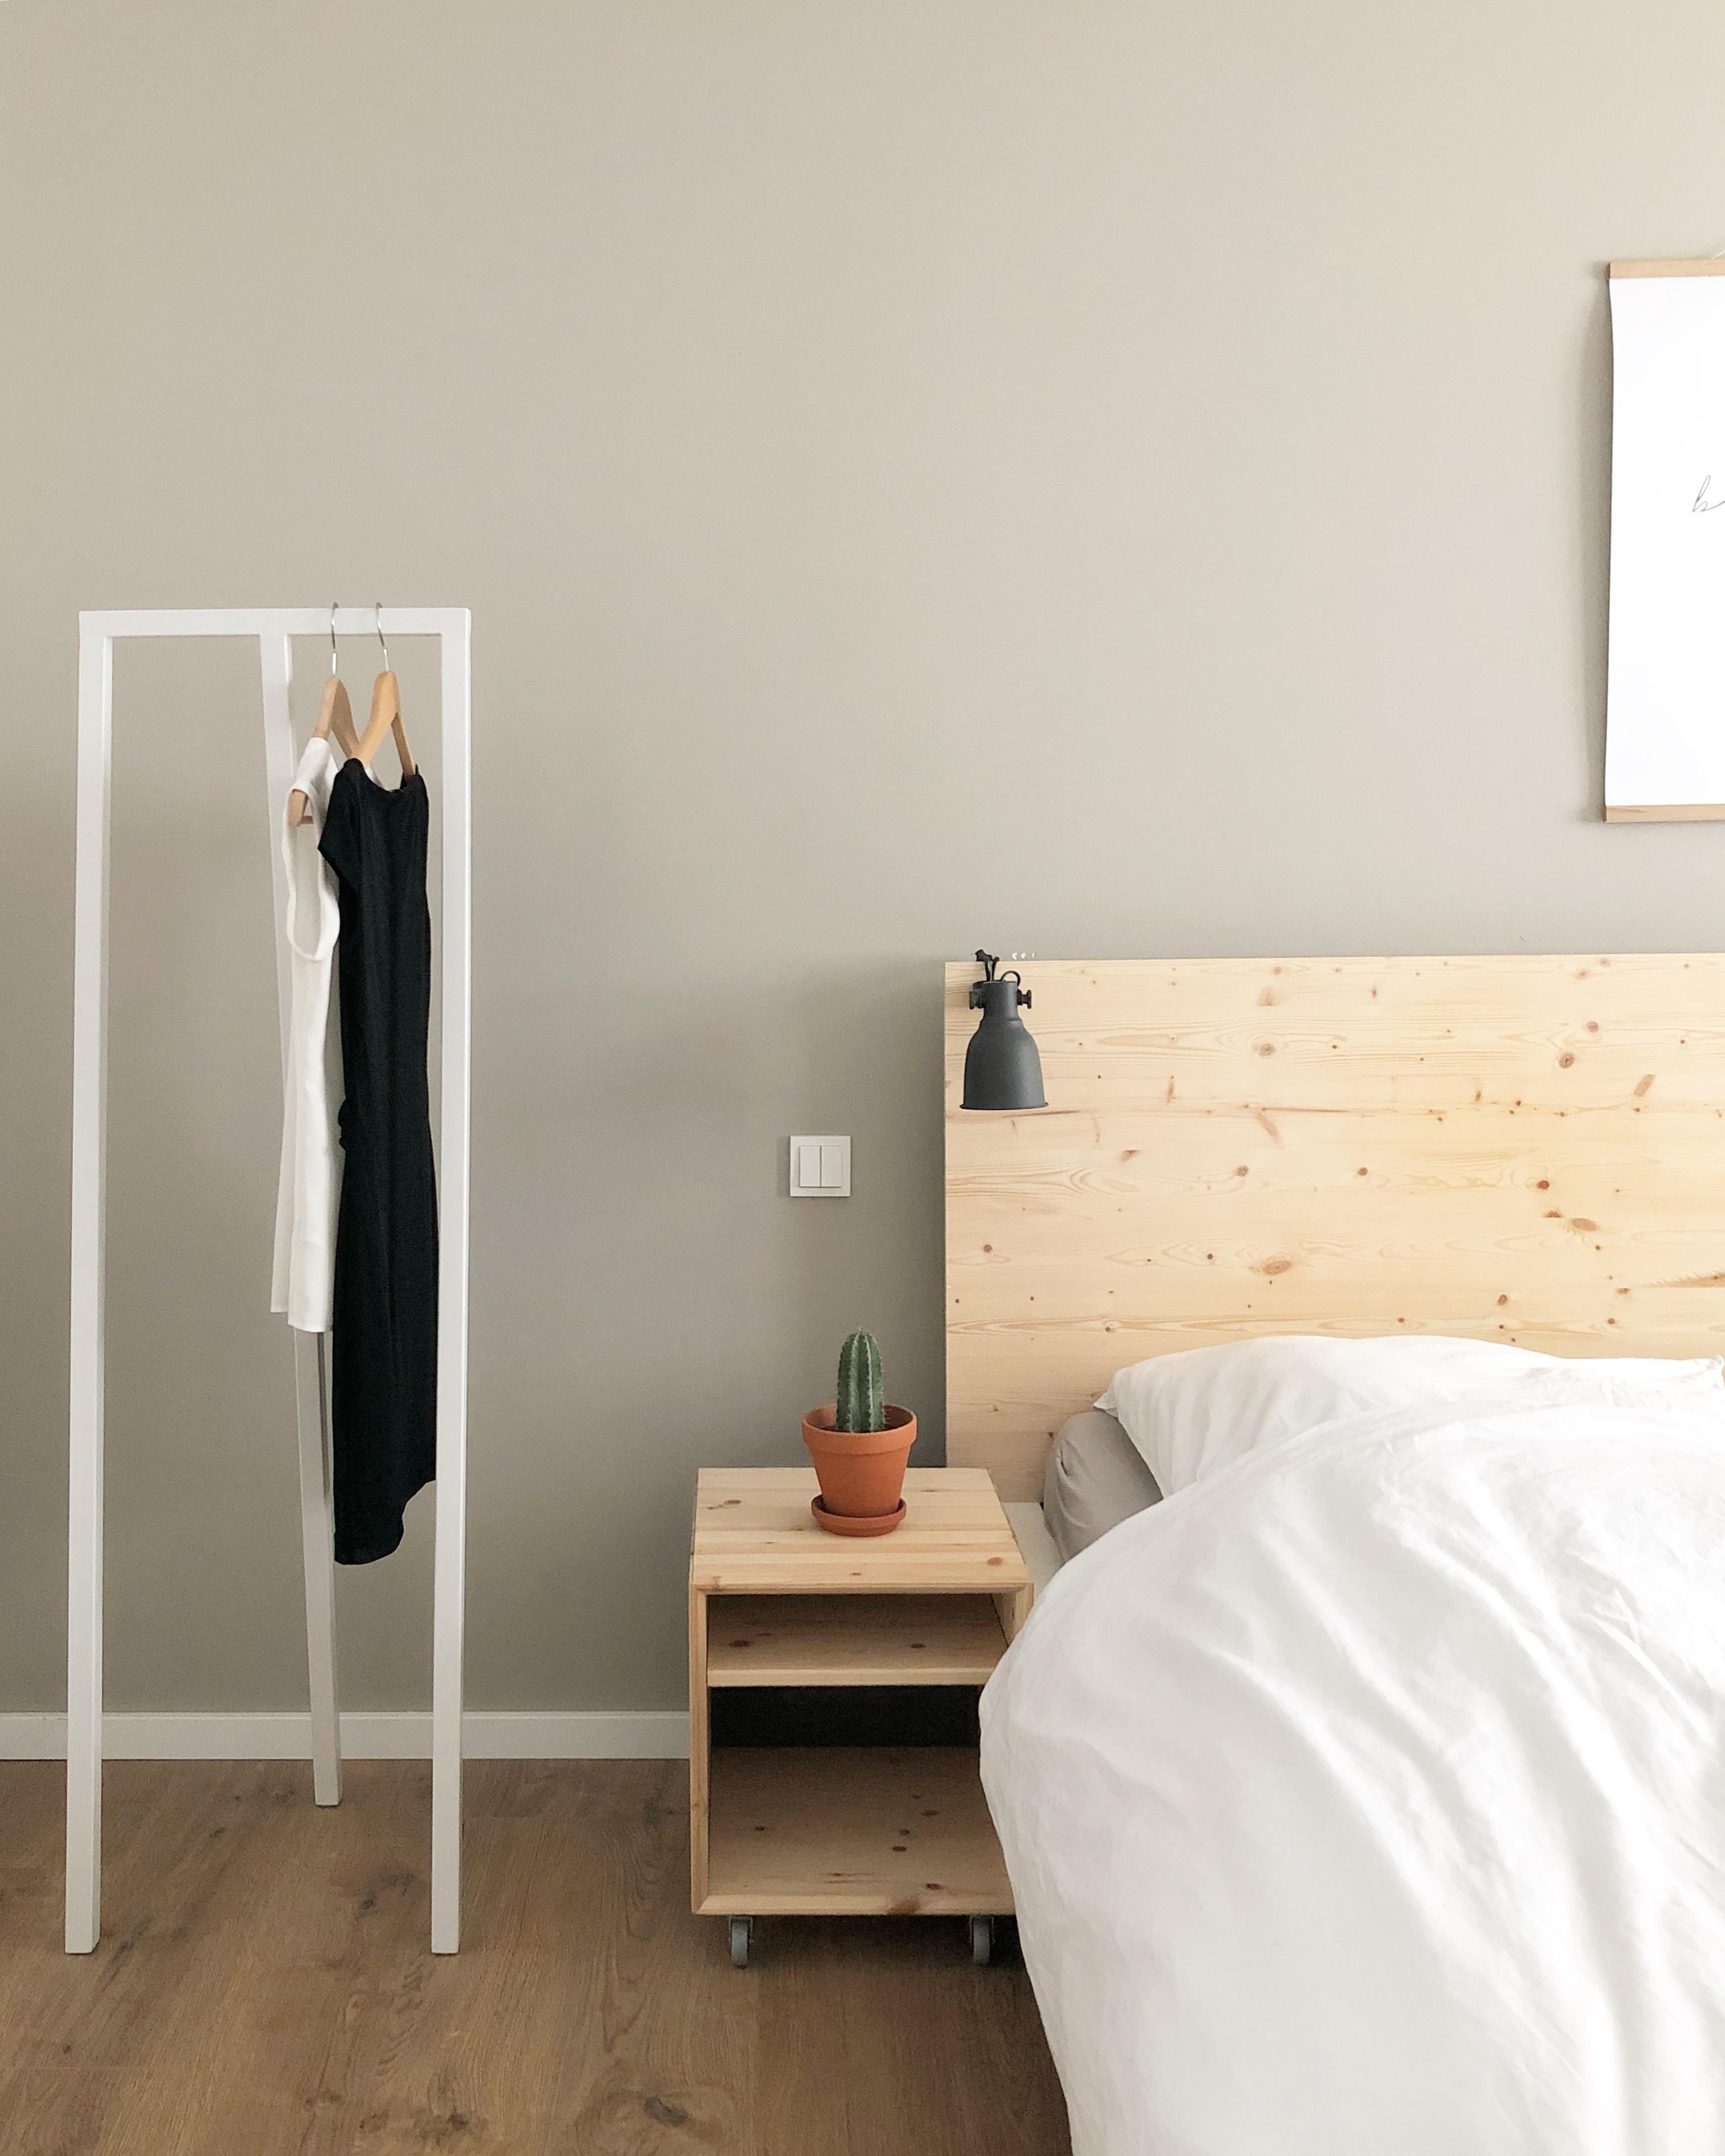 Kleiderstange • Bilder & Ideen • COUCHstyle